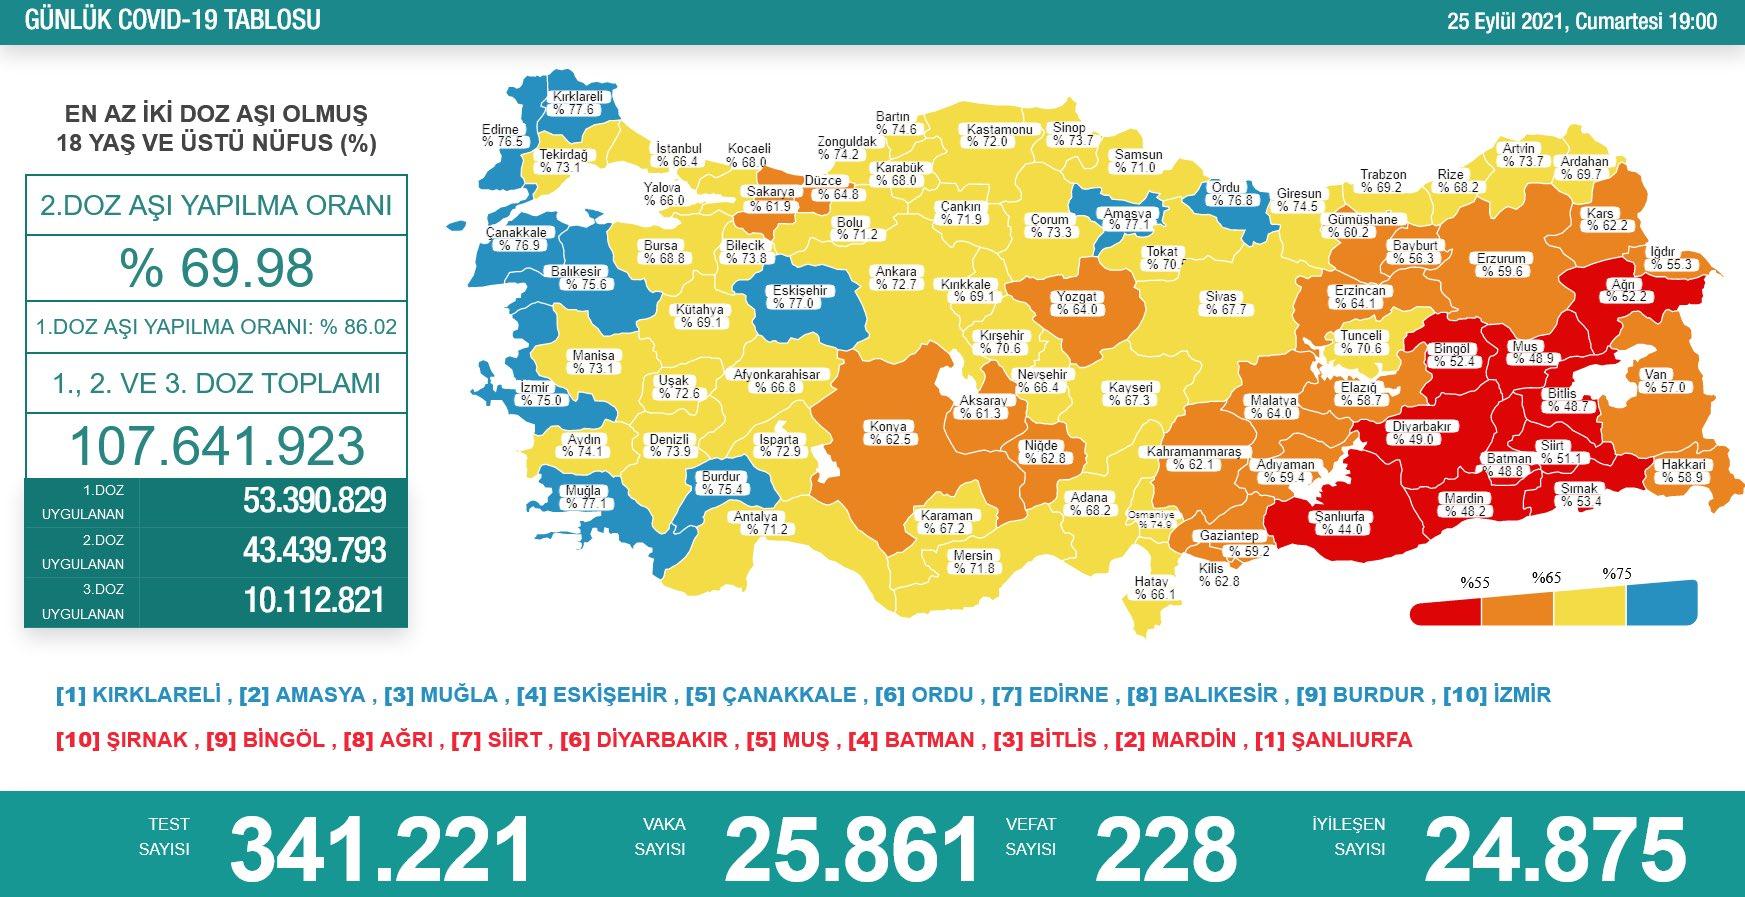 26 Eylül 2021 Pazar Türkiye Günlük Koronavirüs Tablosu   Bugünkü korona tablosu  Vaka ve ölüm sayısı kaç oldu?